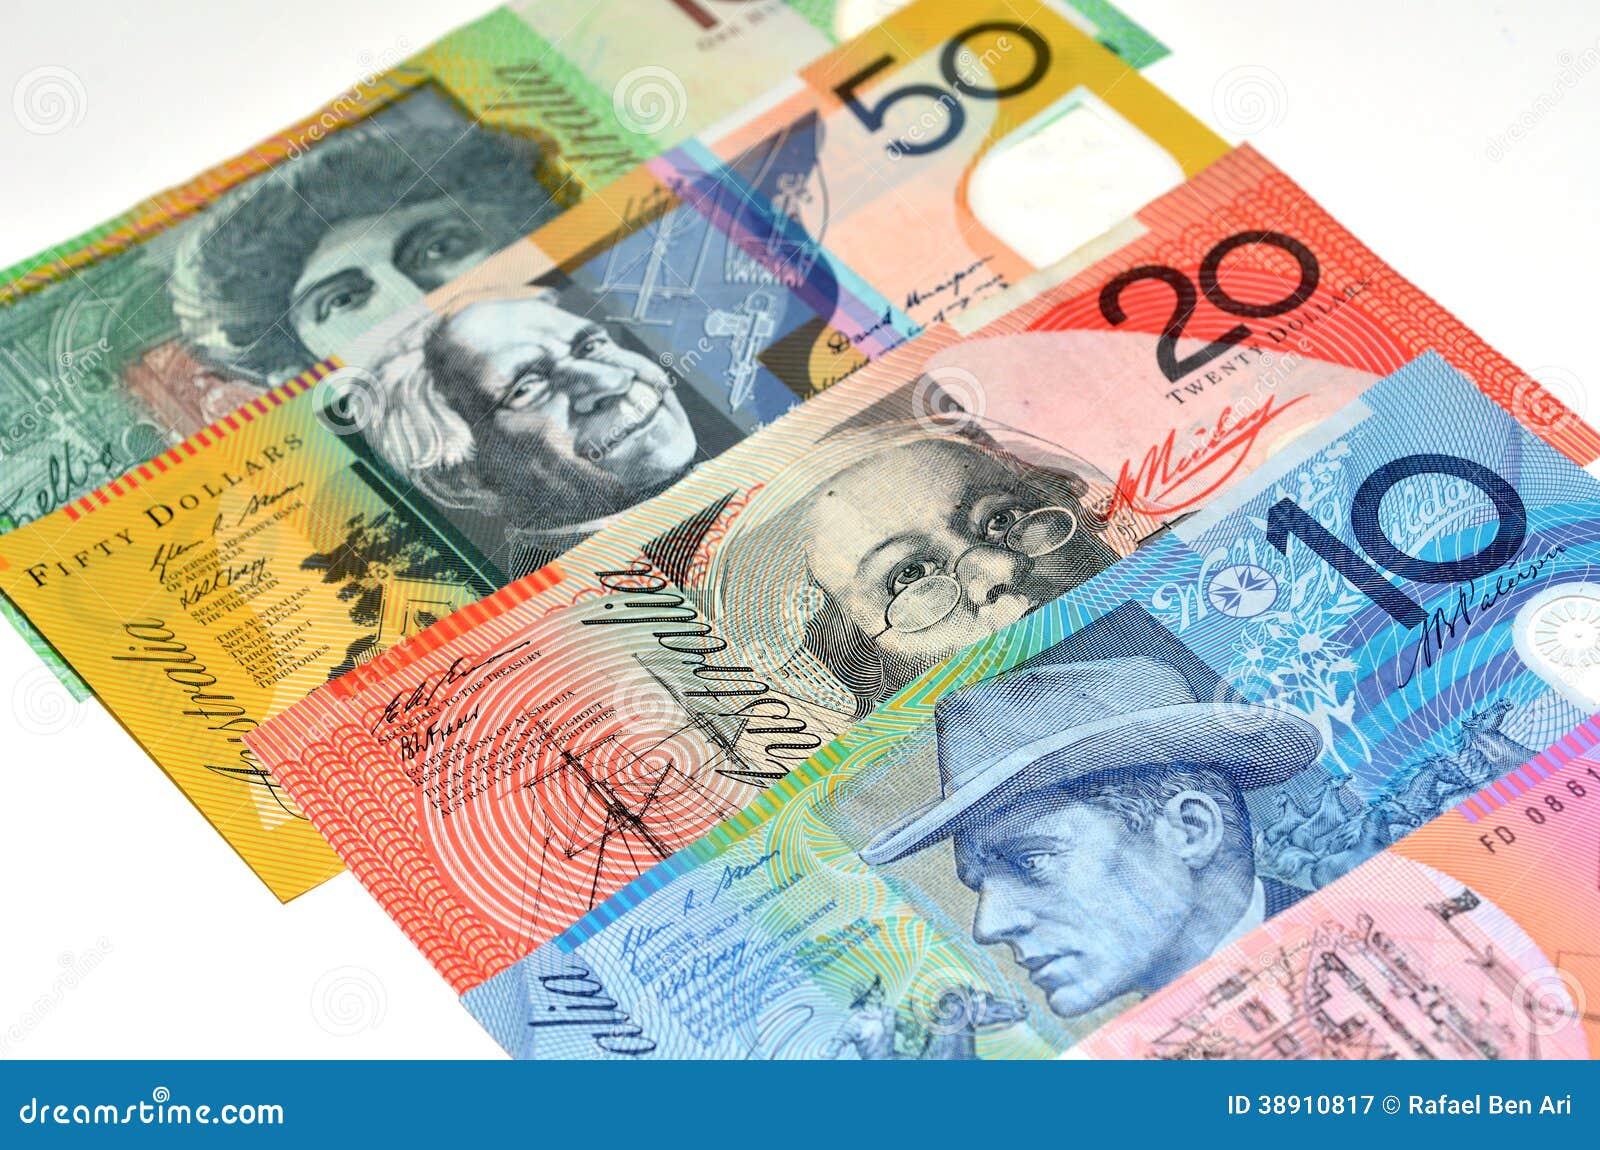 Dólar australiano(AUD) Para Real brasileiro(BRL) Taxas de câmbio histórica